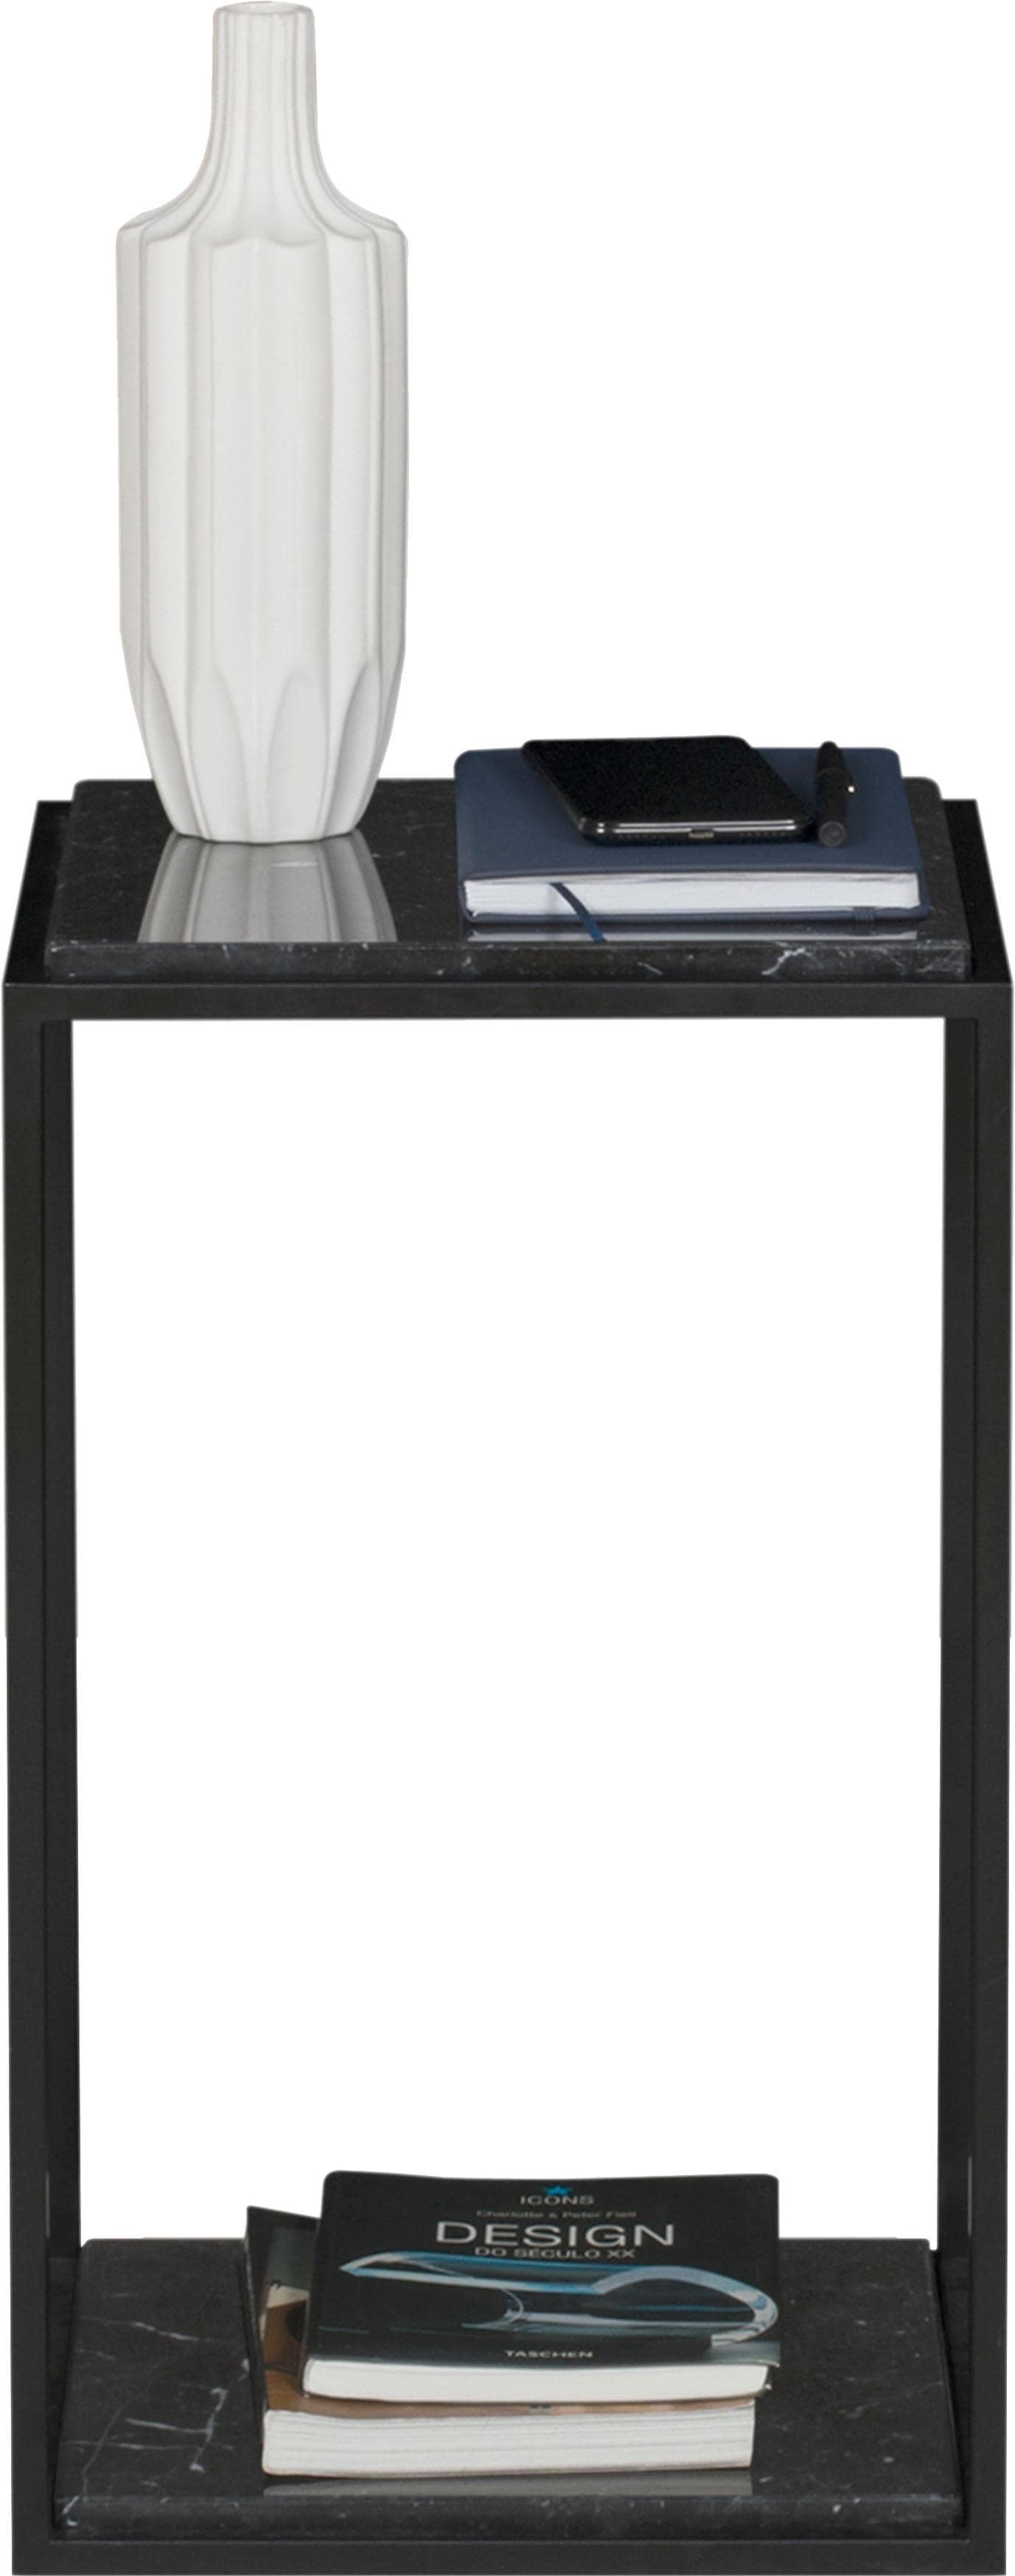 TemaHome Nachttisch Forrest mit 2 Marquina Marmorplatten & Metallgestell schwarz Breite 30 cm   Schlafzimmer > Nachttische   Schwarz   Temahome